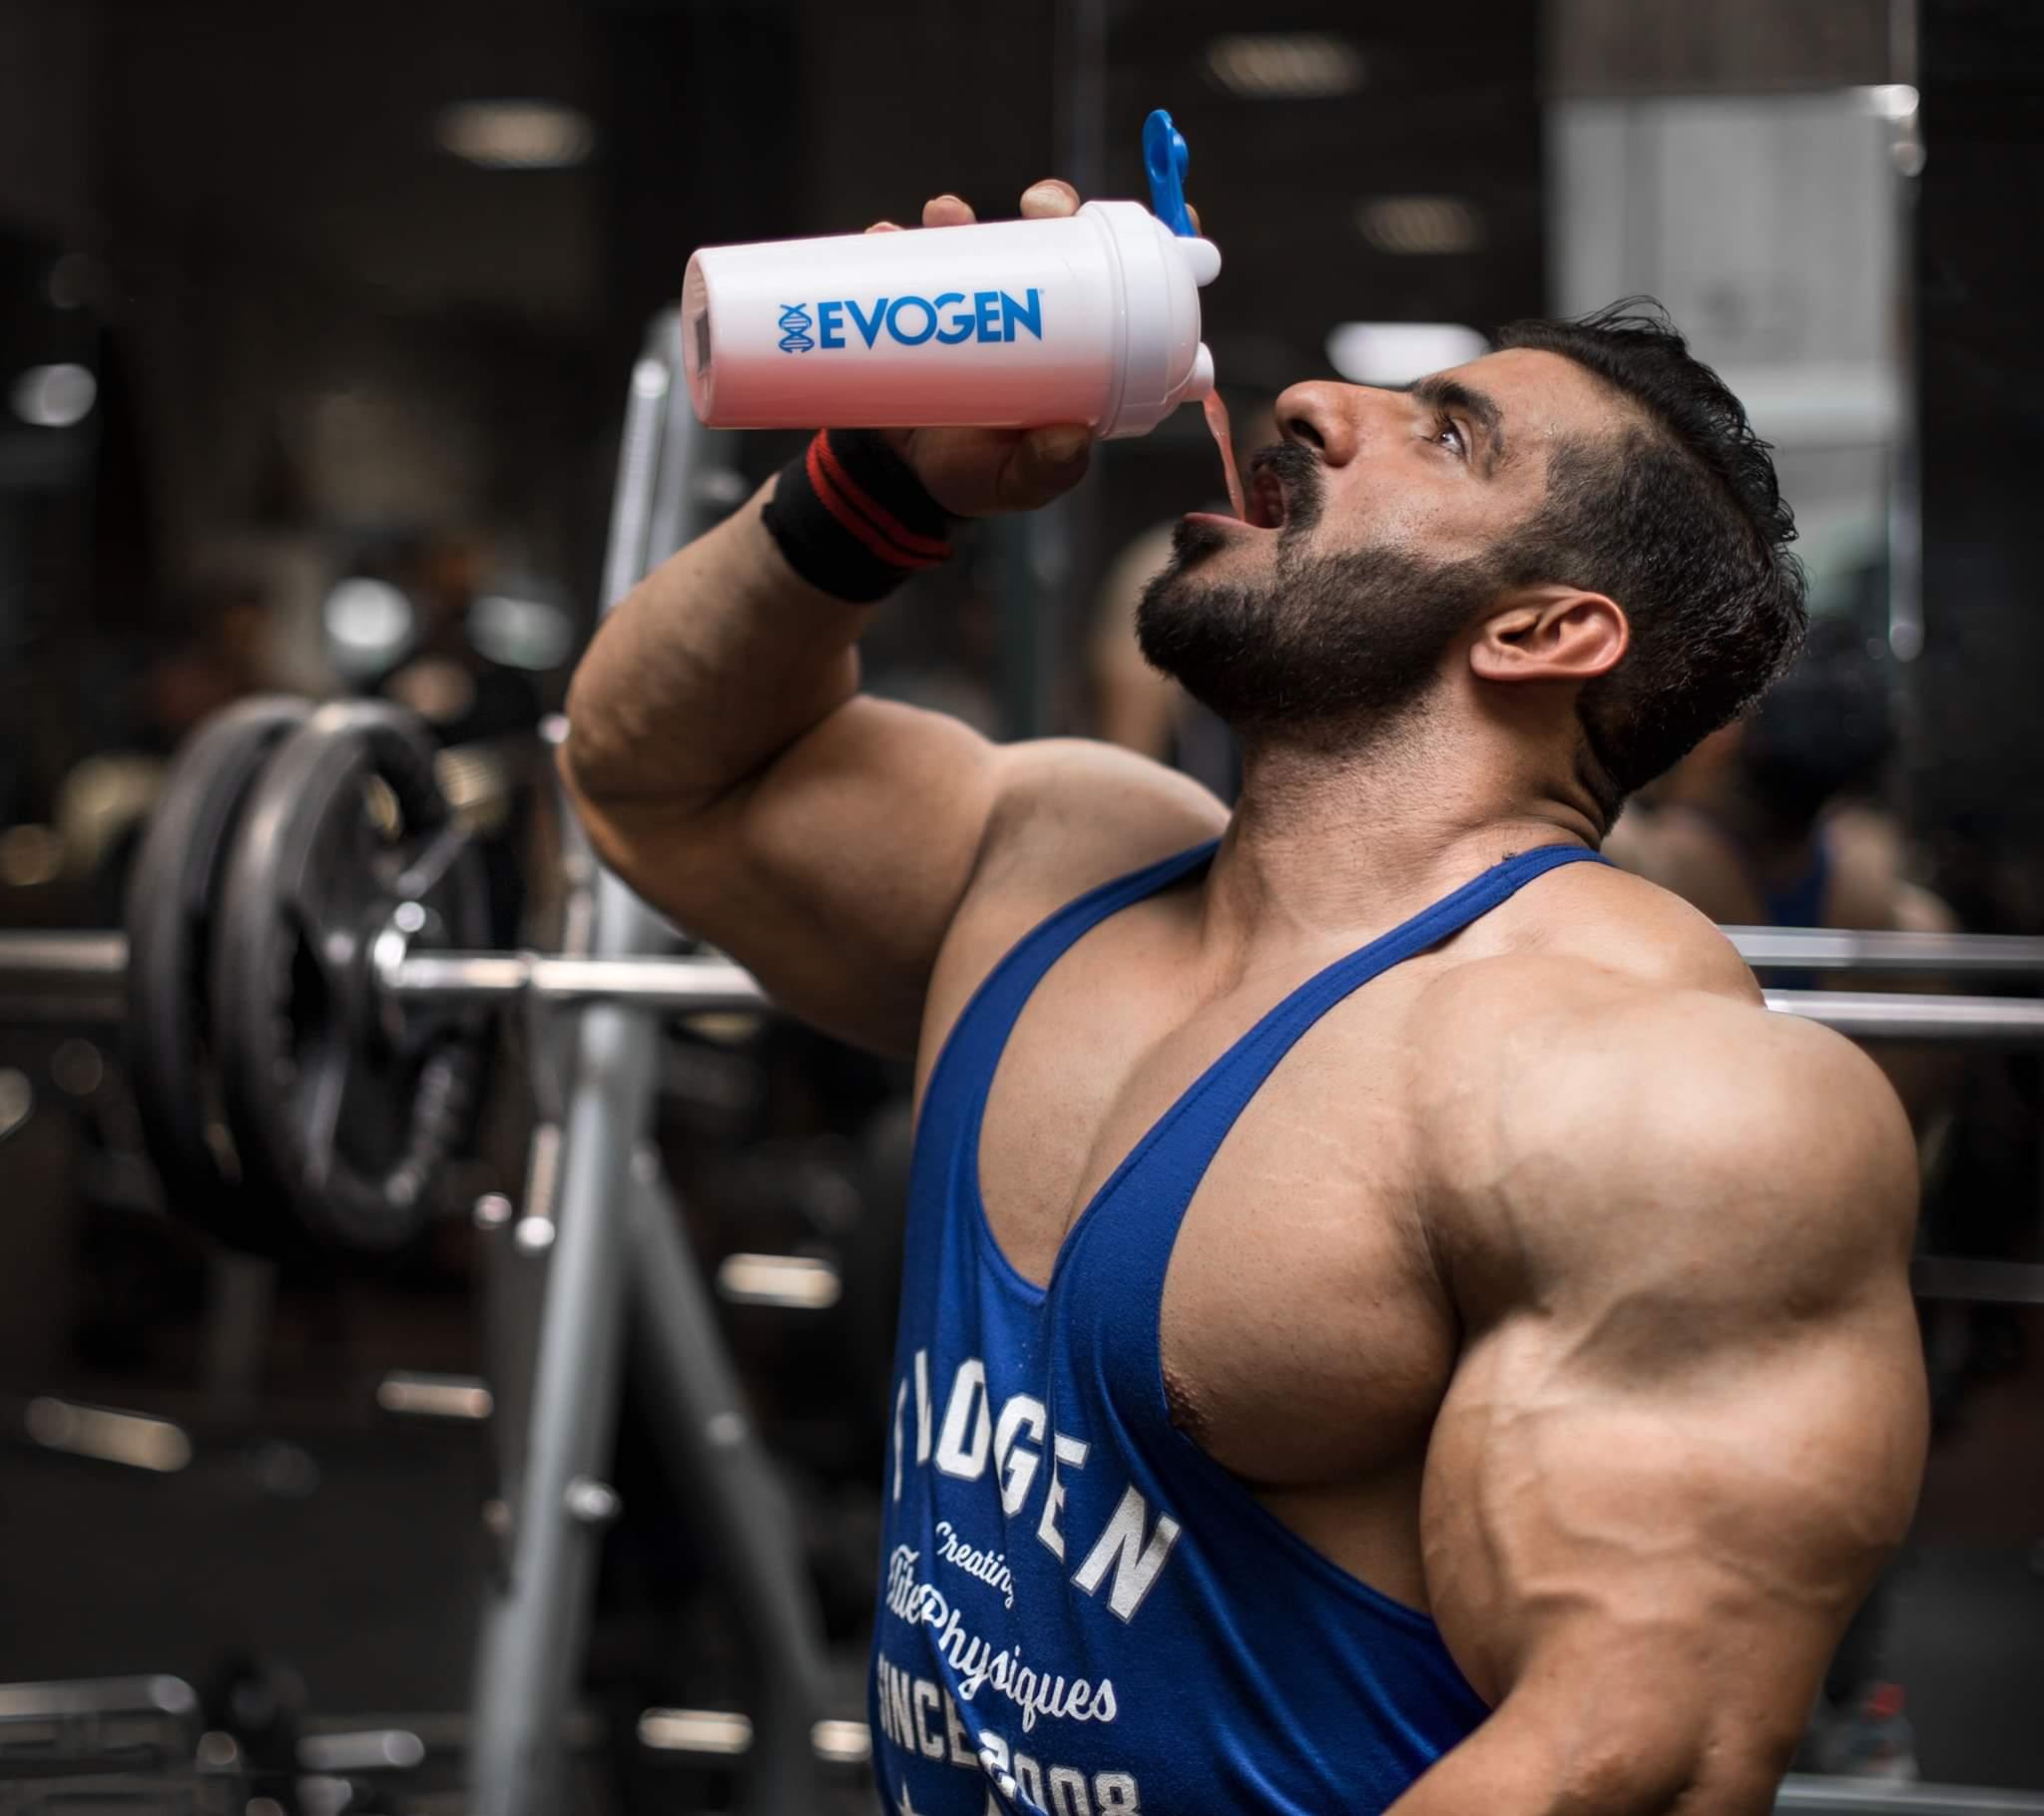 hadi choopan si integra durante il workout